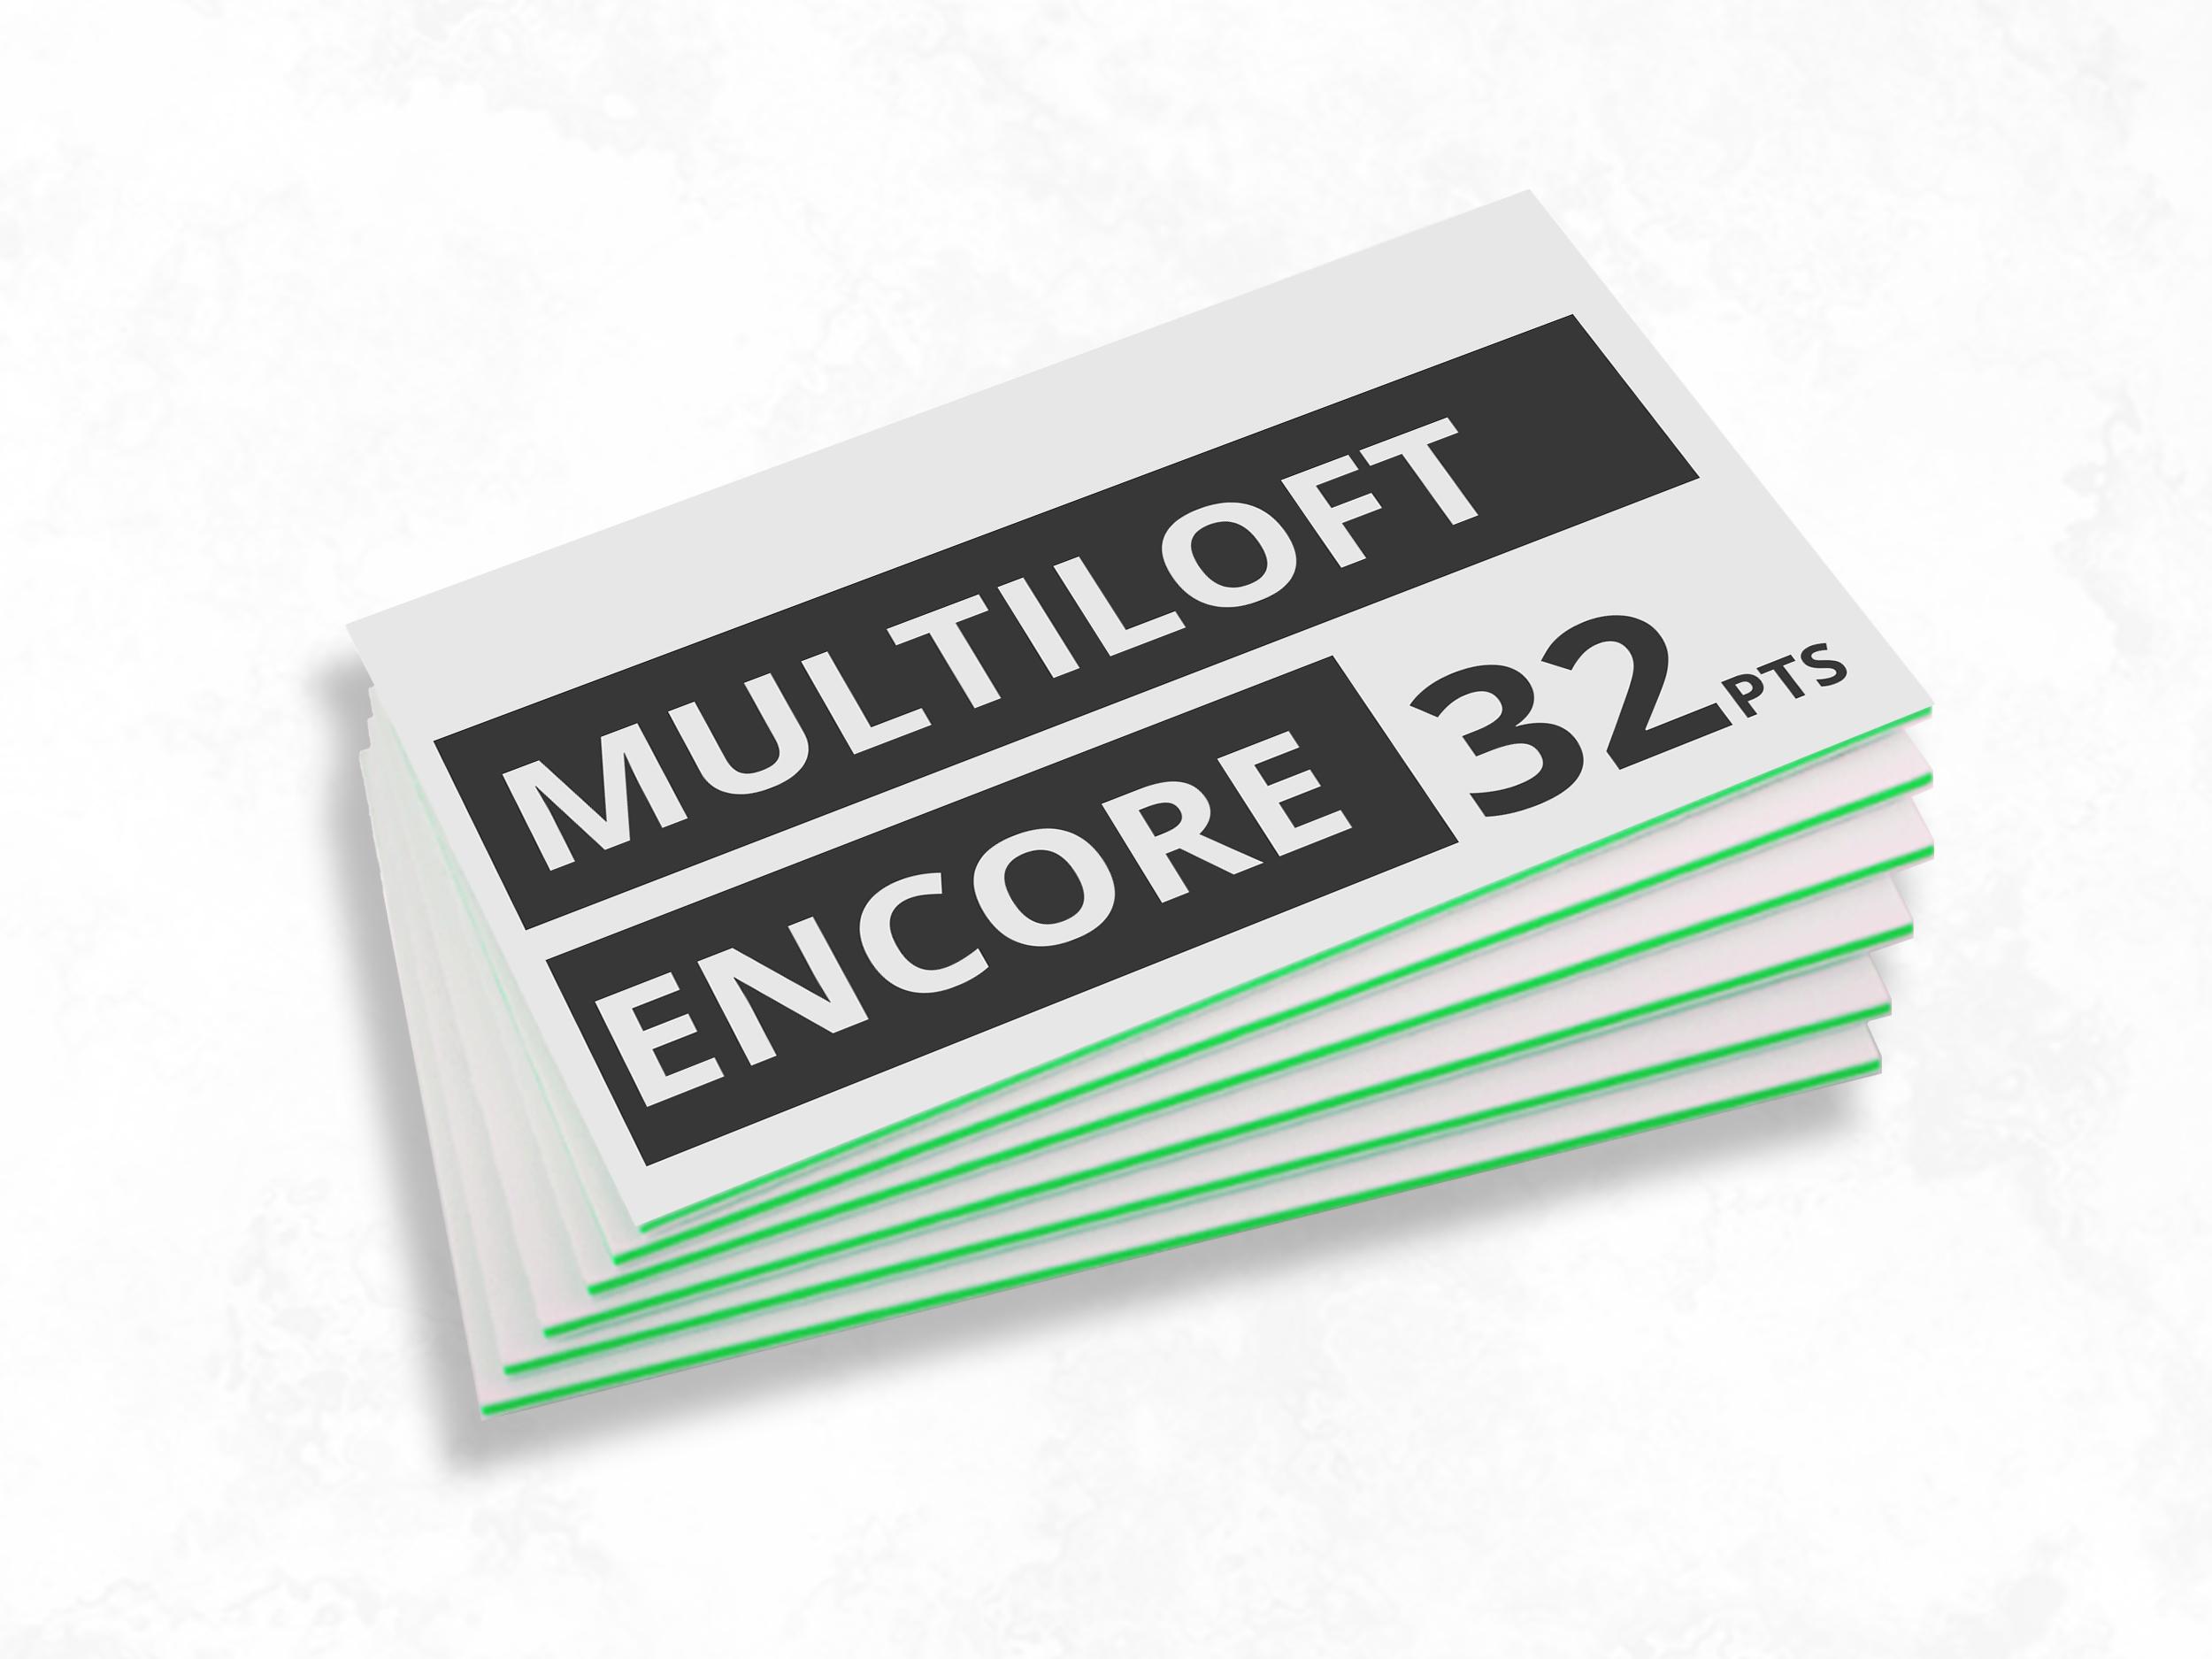 http://shop.copycatprint.com.au/images/products_gallery_images/Multiloft_32pt.jpg